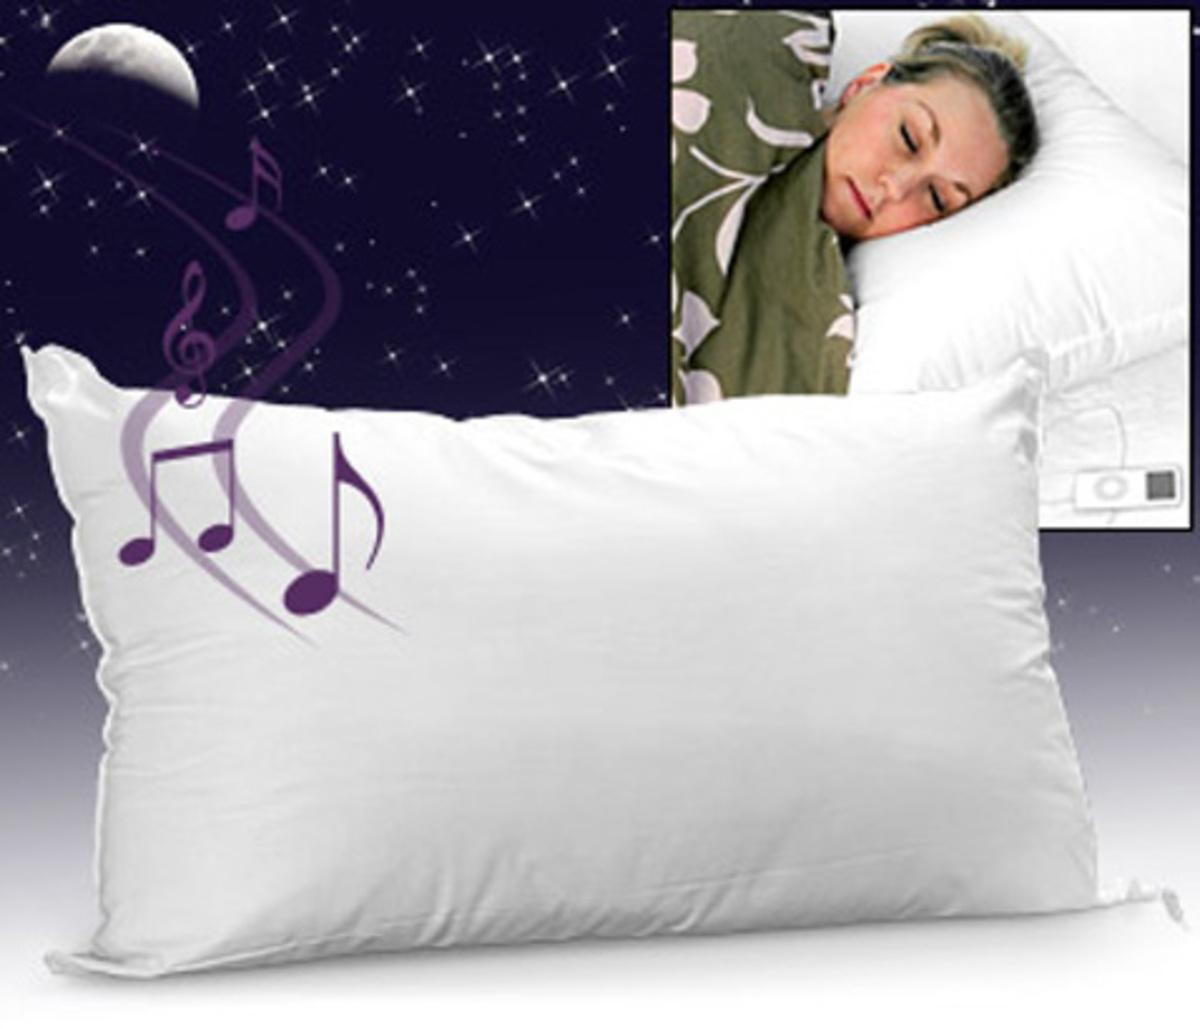 Όνειρα μουσικά με το απίστευτο μαξιλαρι   Newsit.gr